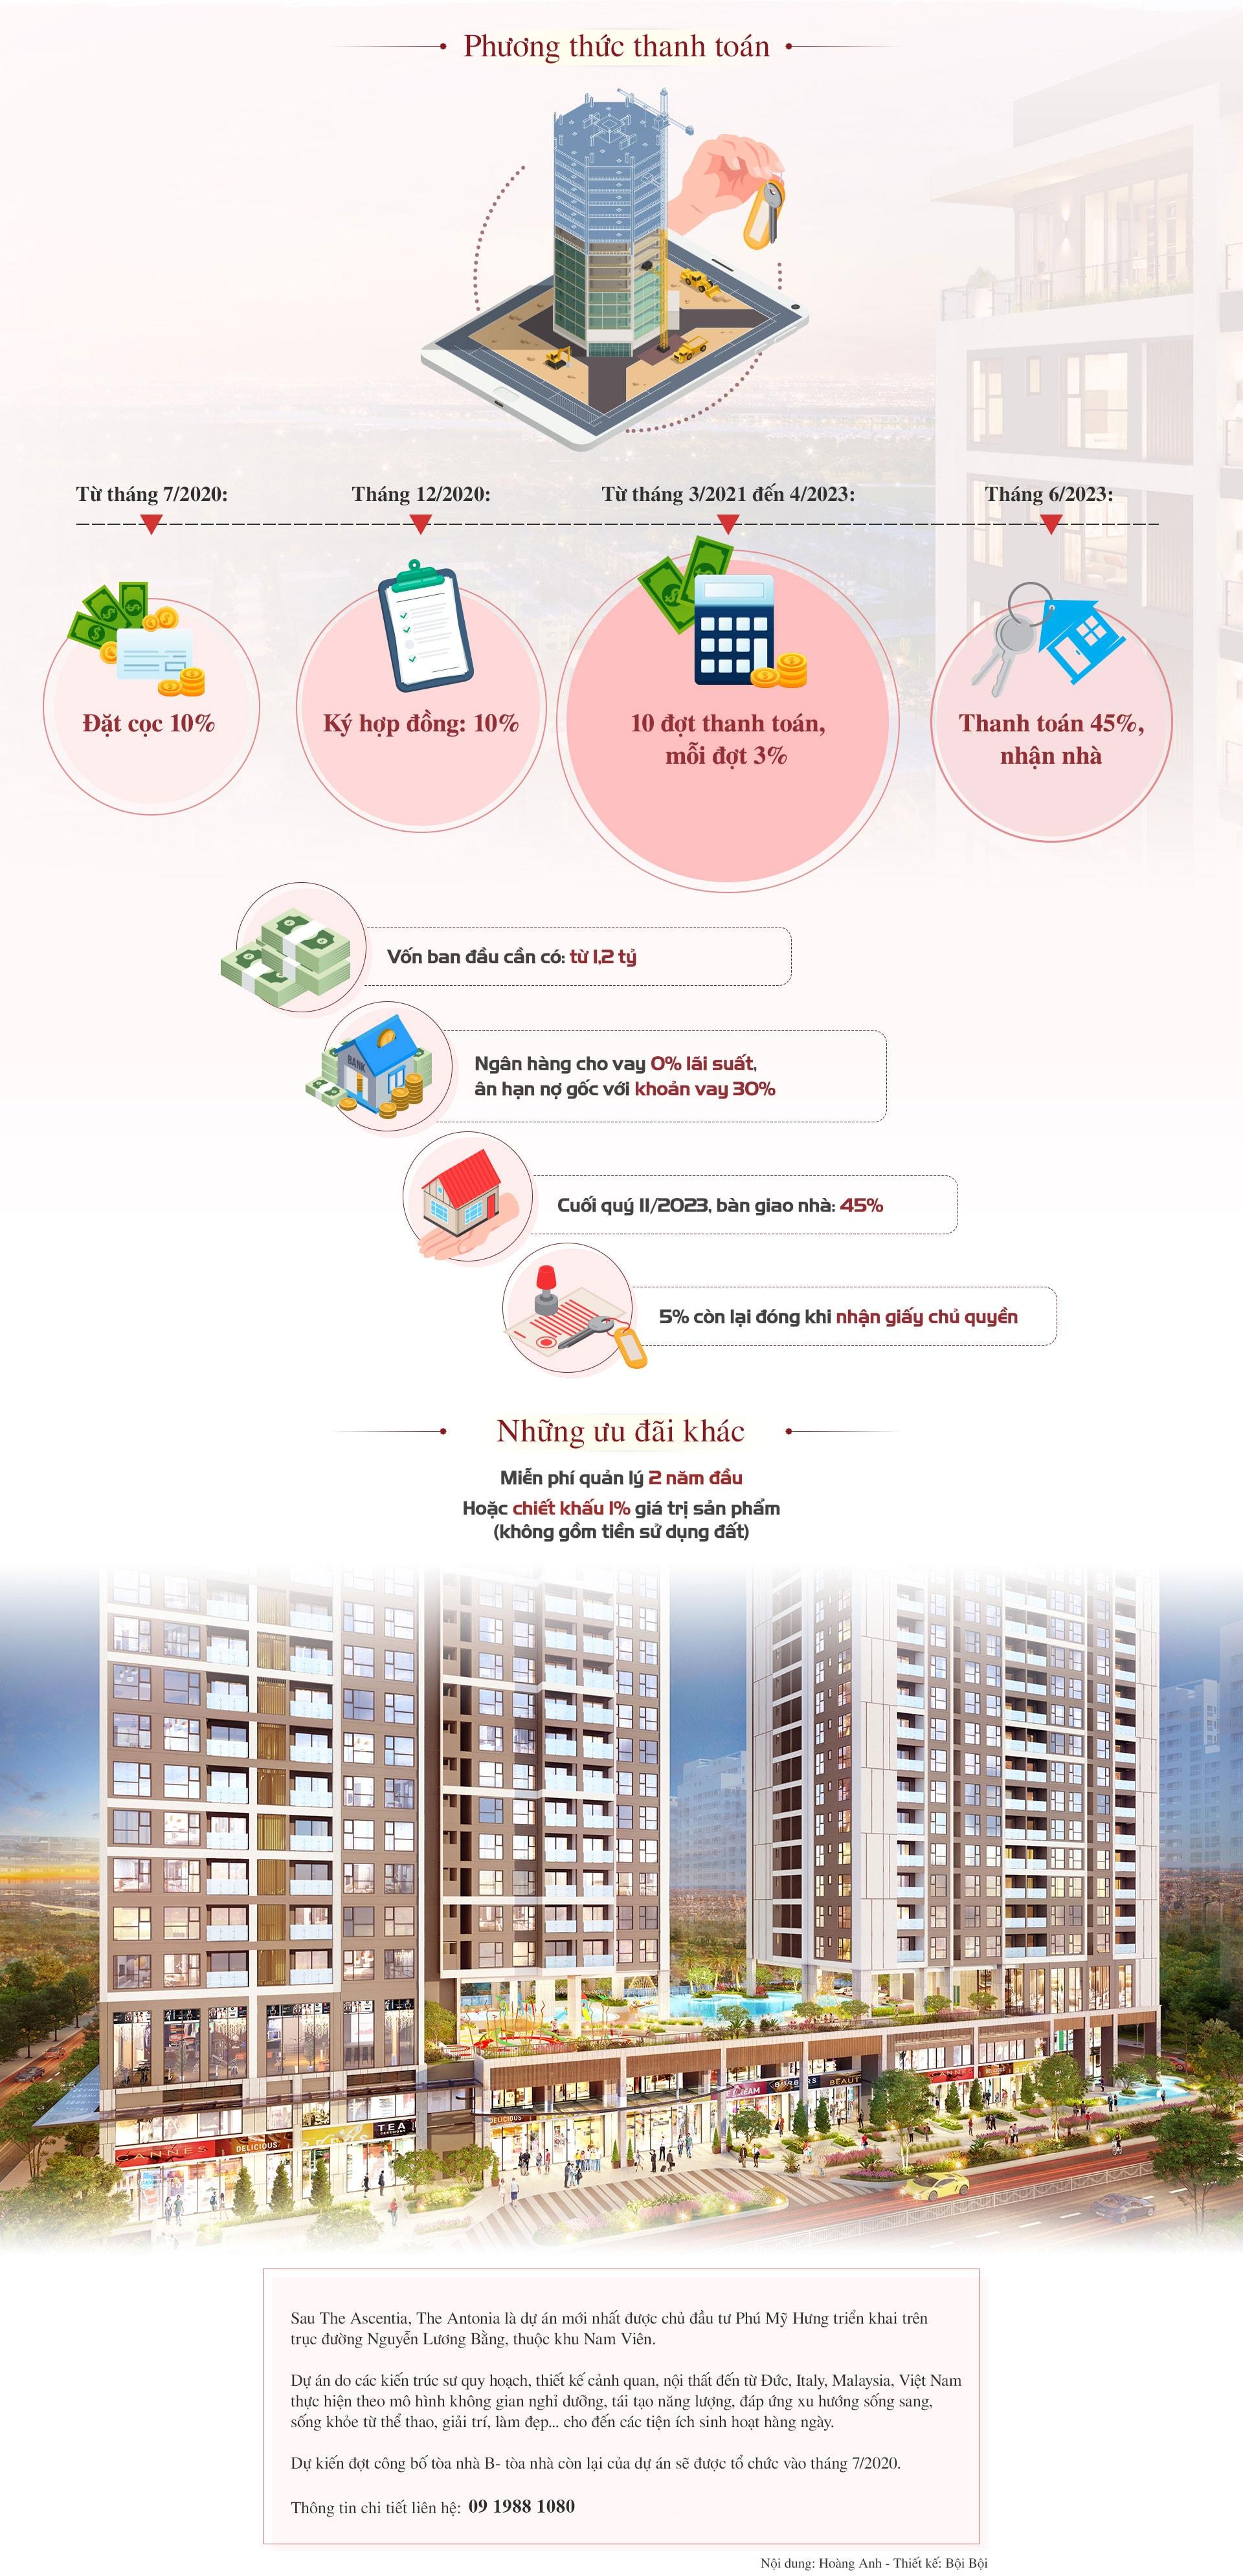 Có từ 1,2 tỷ đồng mua được căn hộ cao cấp Phú Mỹ Hưng 2